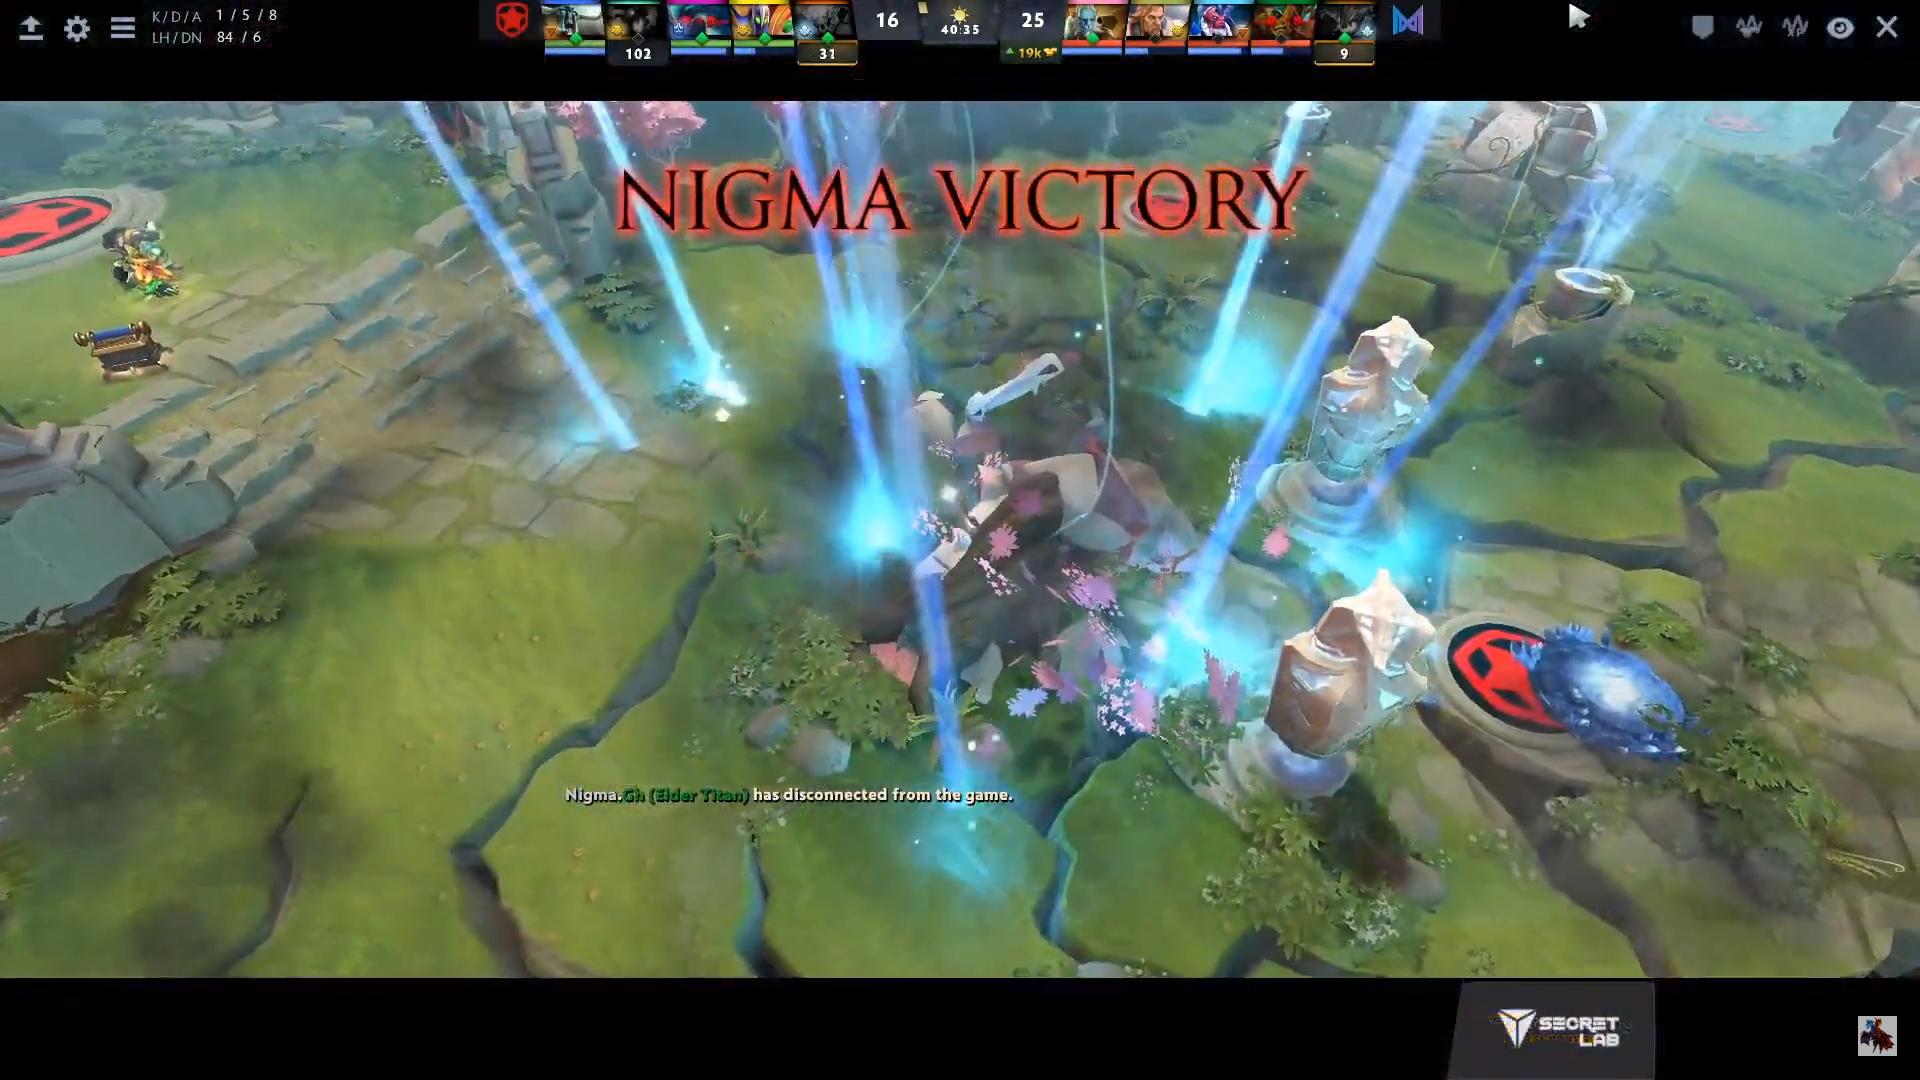 nigma won g2 gambit - Nigma đặt dấu chấm hết cho niềm hy vọng của Dota 2 CIS tại Bukovel Minor